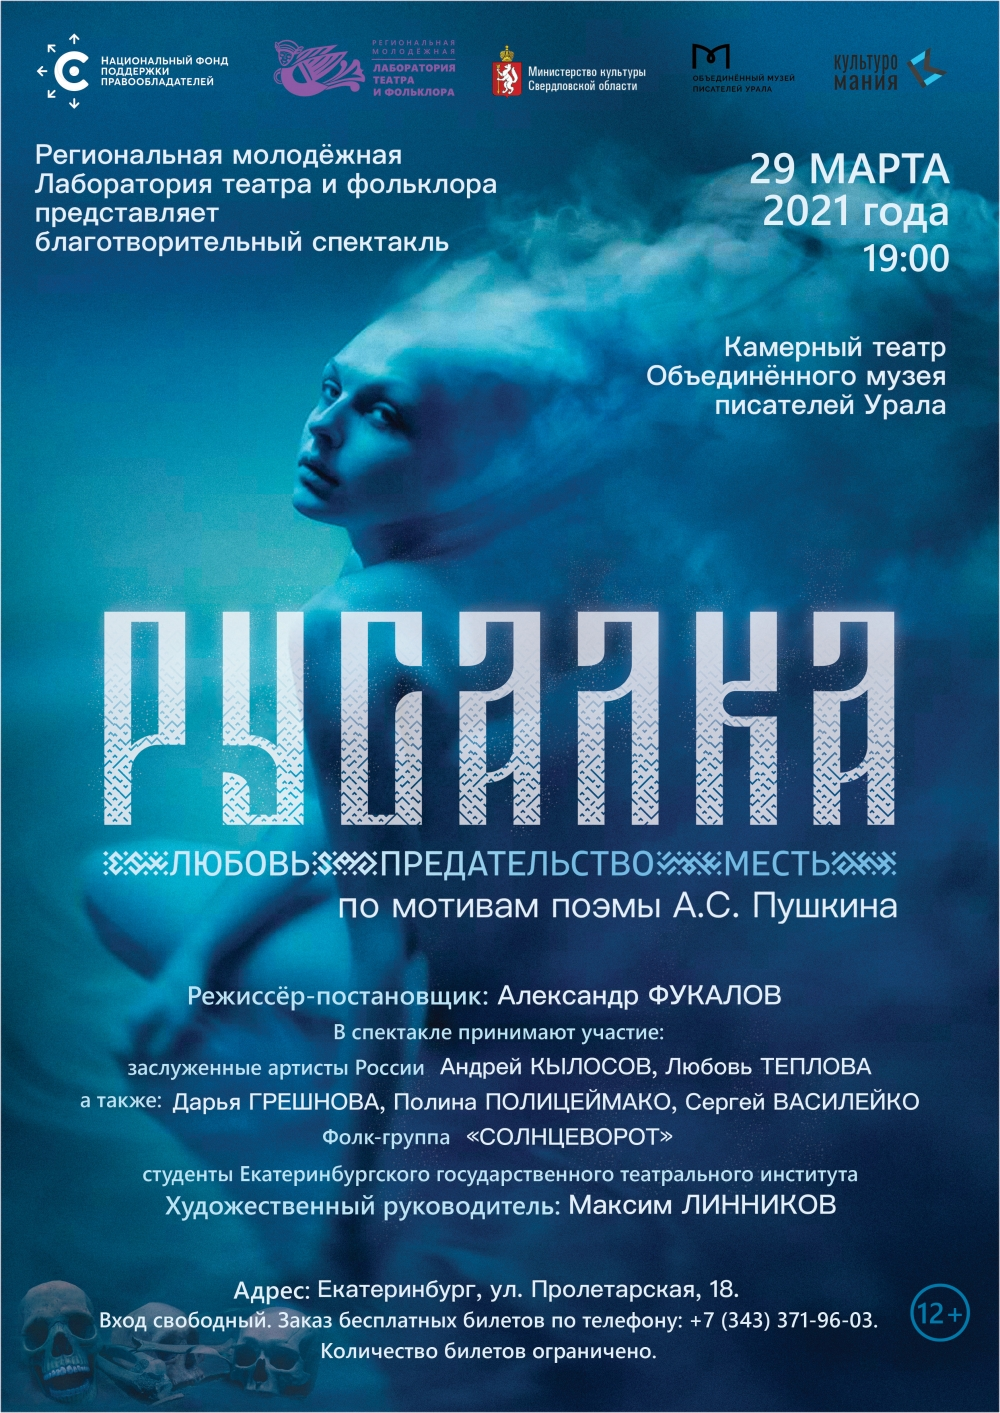 Спектакль поставила Региональная молодёжная Лаборатория театра и фольклора.